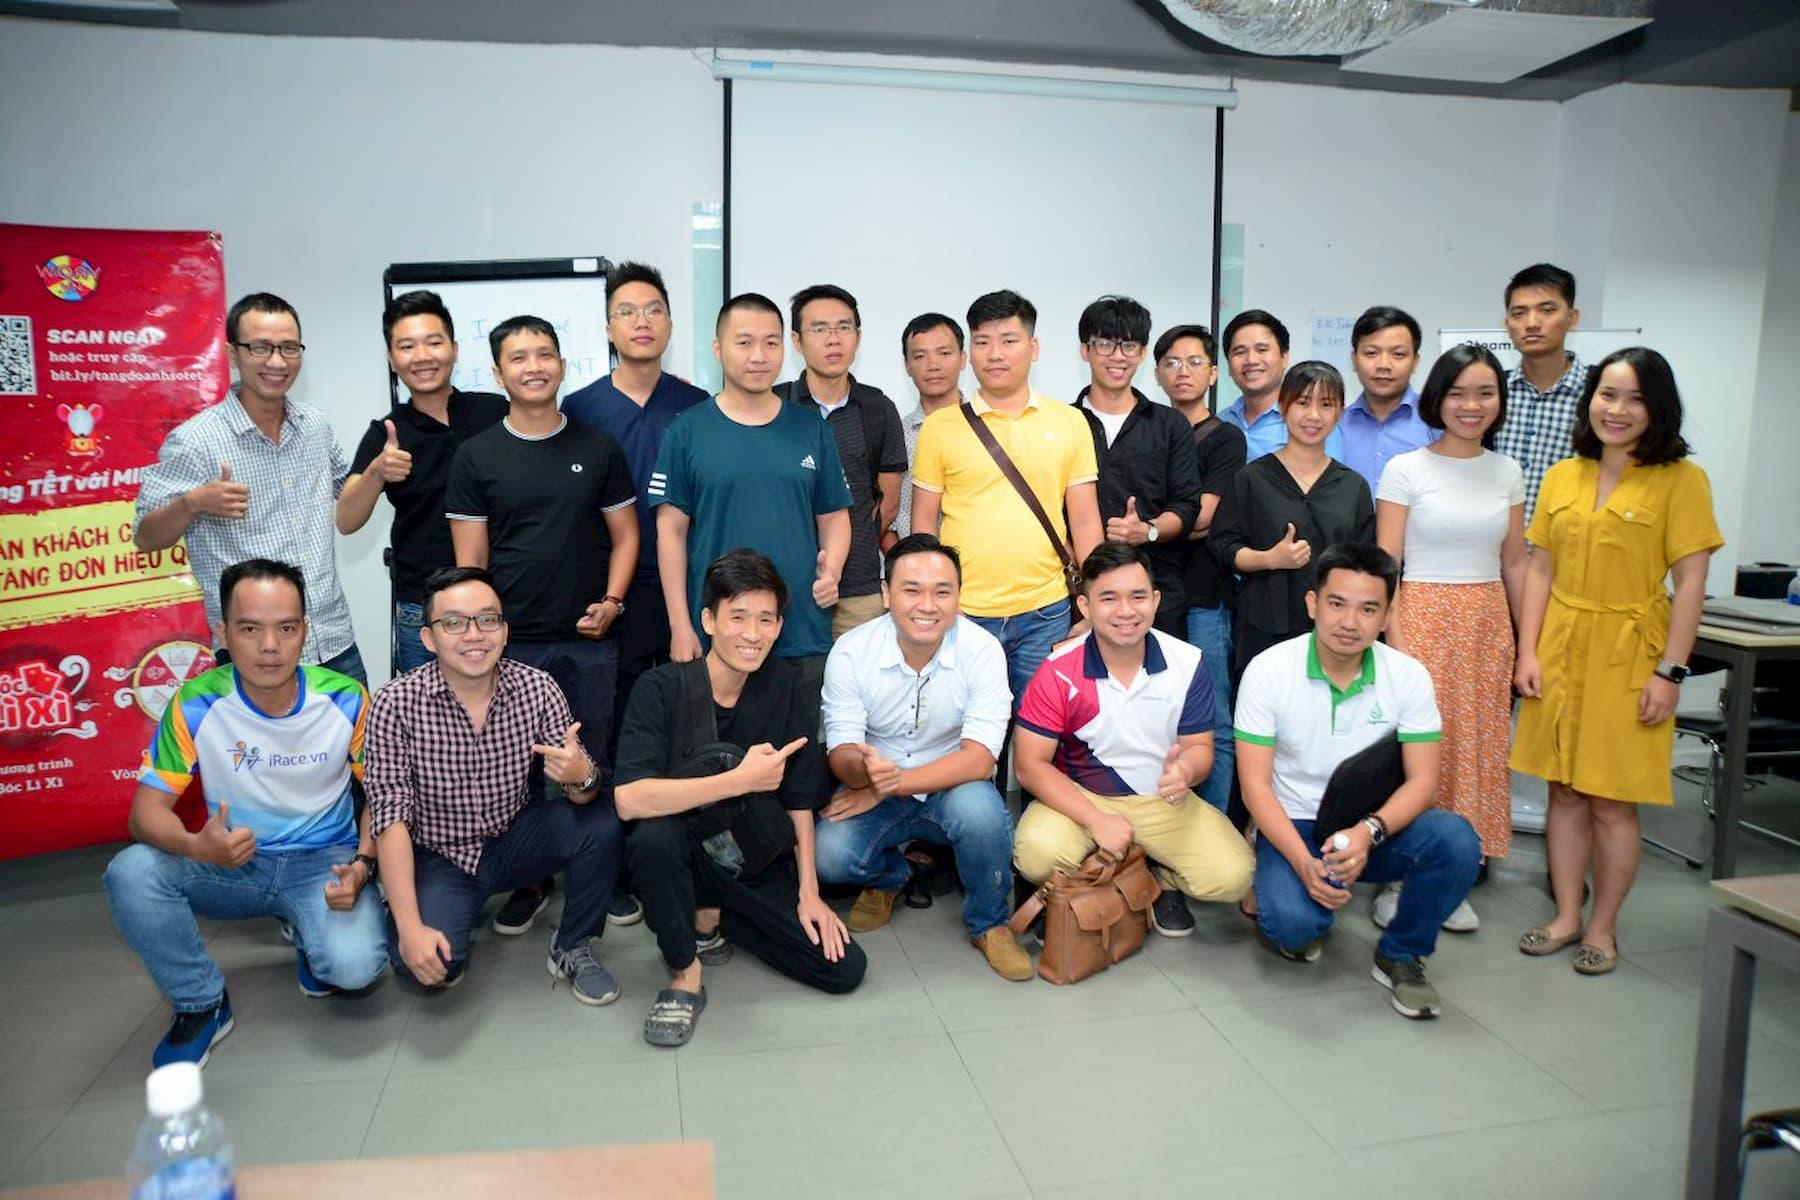 RECAP | Workshop Tuyệt chiêu kết hợp Google Shopping & Minigame WOAY ra đơn tết 2020